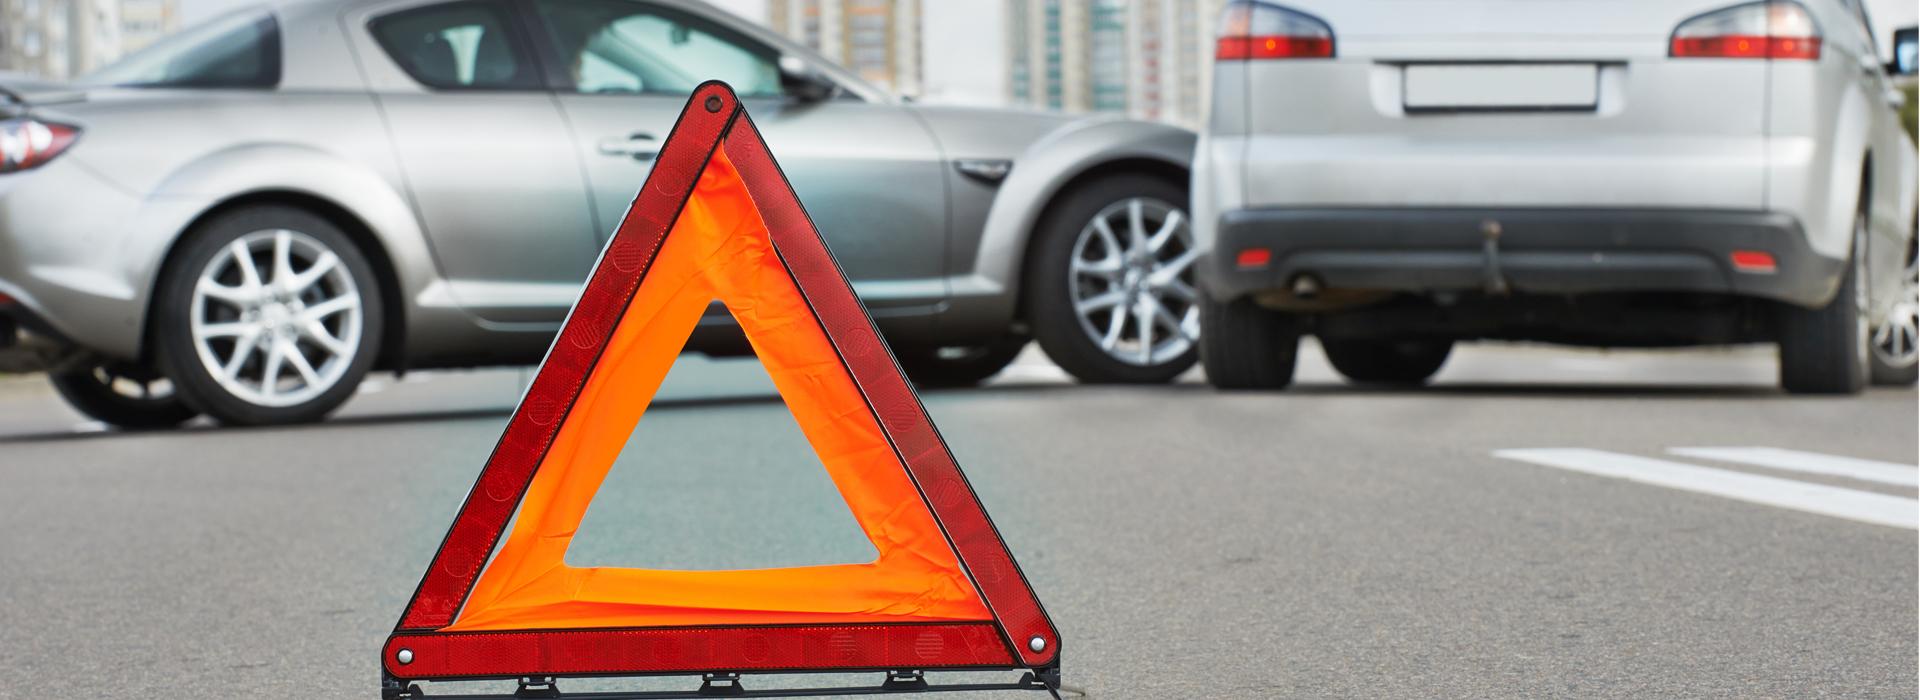 連簡訊、Line都可以當和解證據— 牢記車禍處理5大步驟